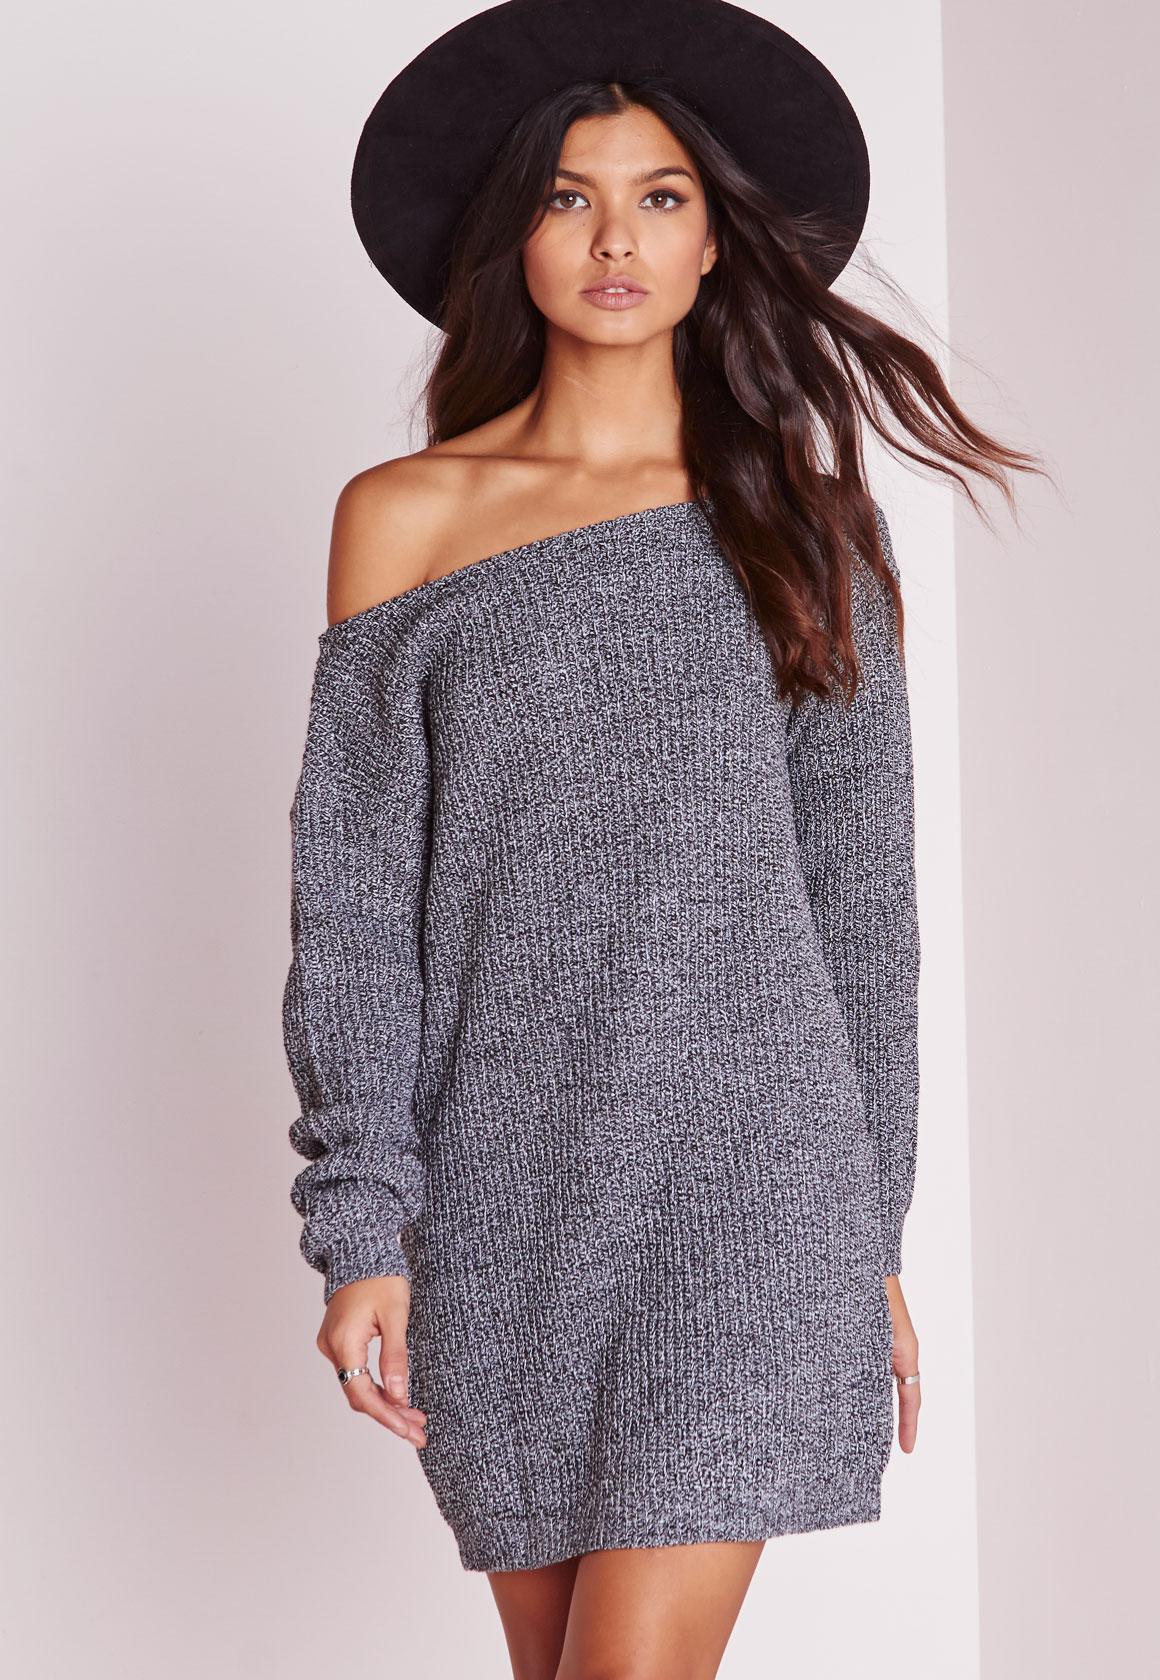 Knitting Pattern For Jumper Dress : Off Shoulder Knitted Jumper Dress Grey Marl Missguided